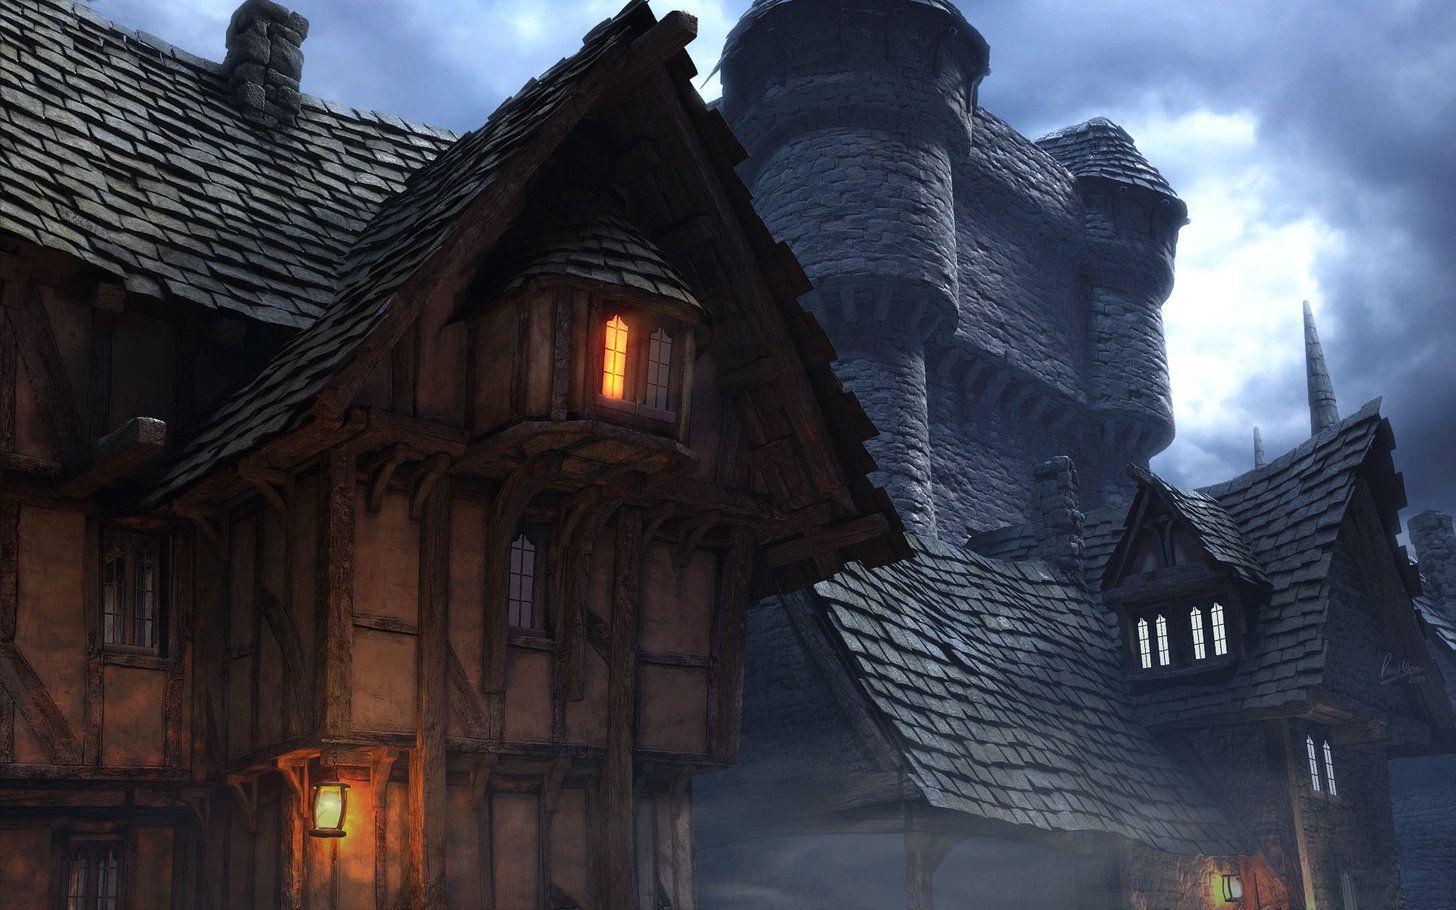 Fantasy Wallpaper Dump Take A Wallpaper Leave A Wallpaper Fantasy Castle Fantasy Town Medieval